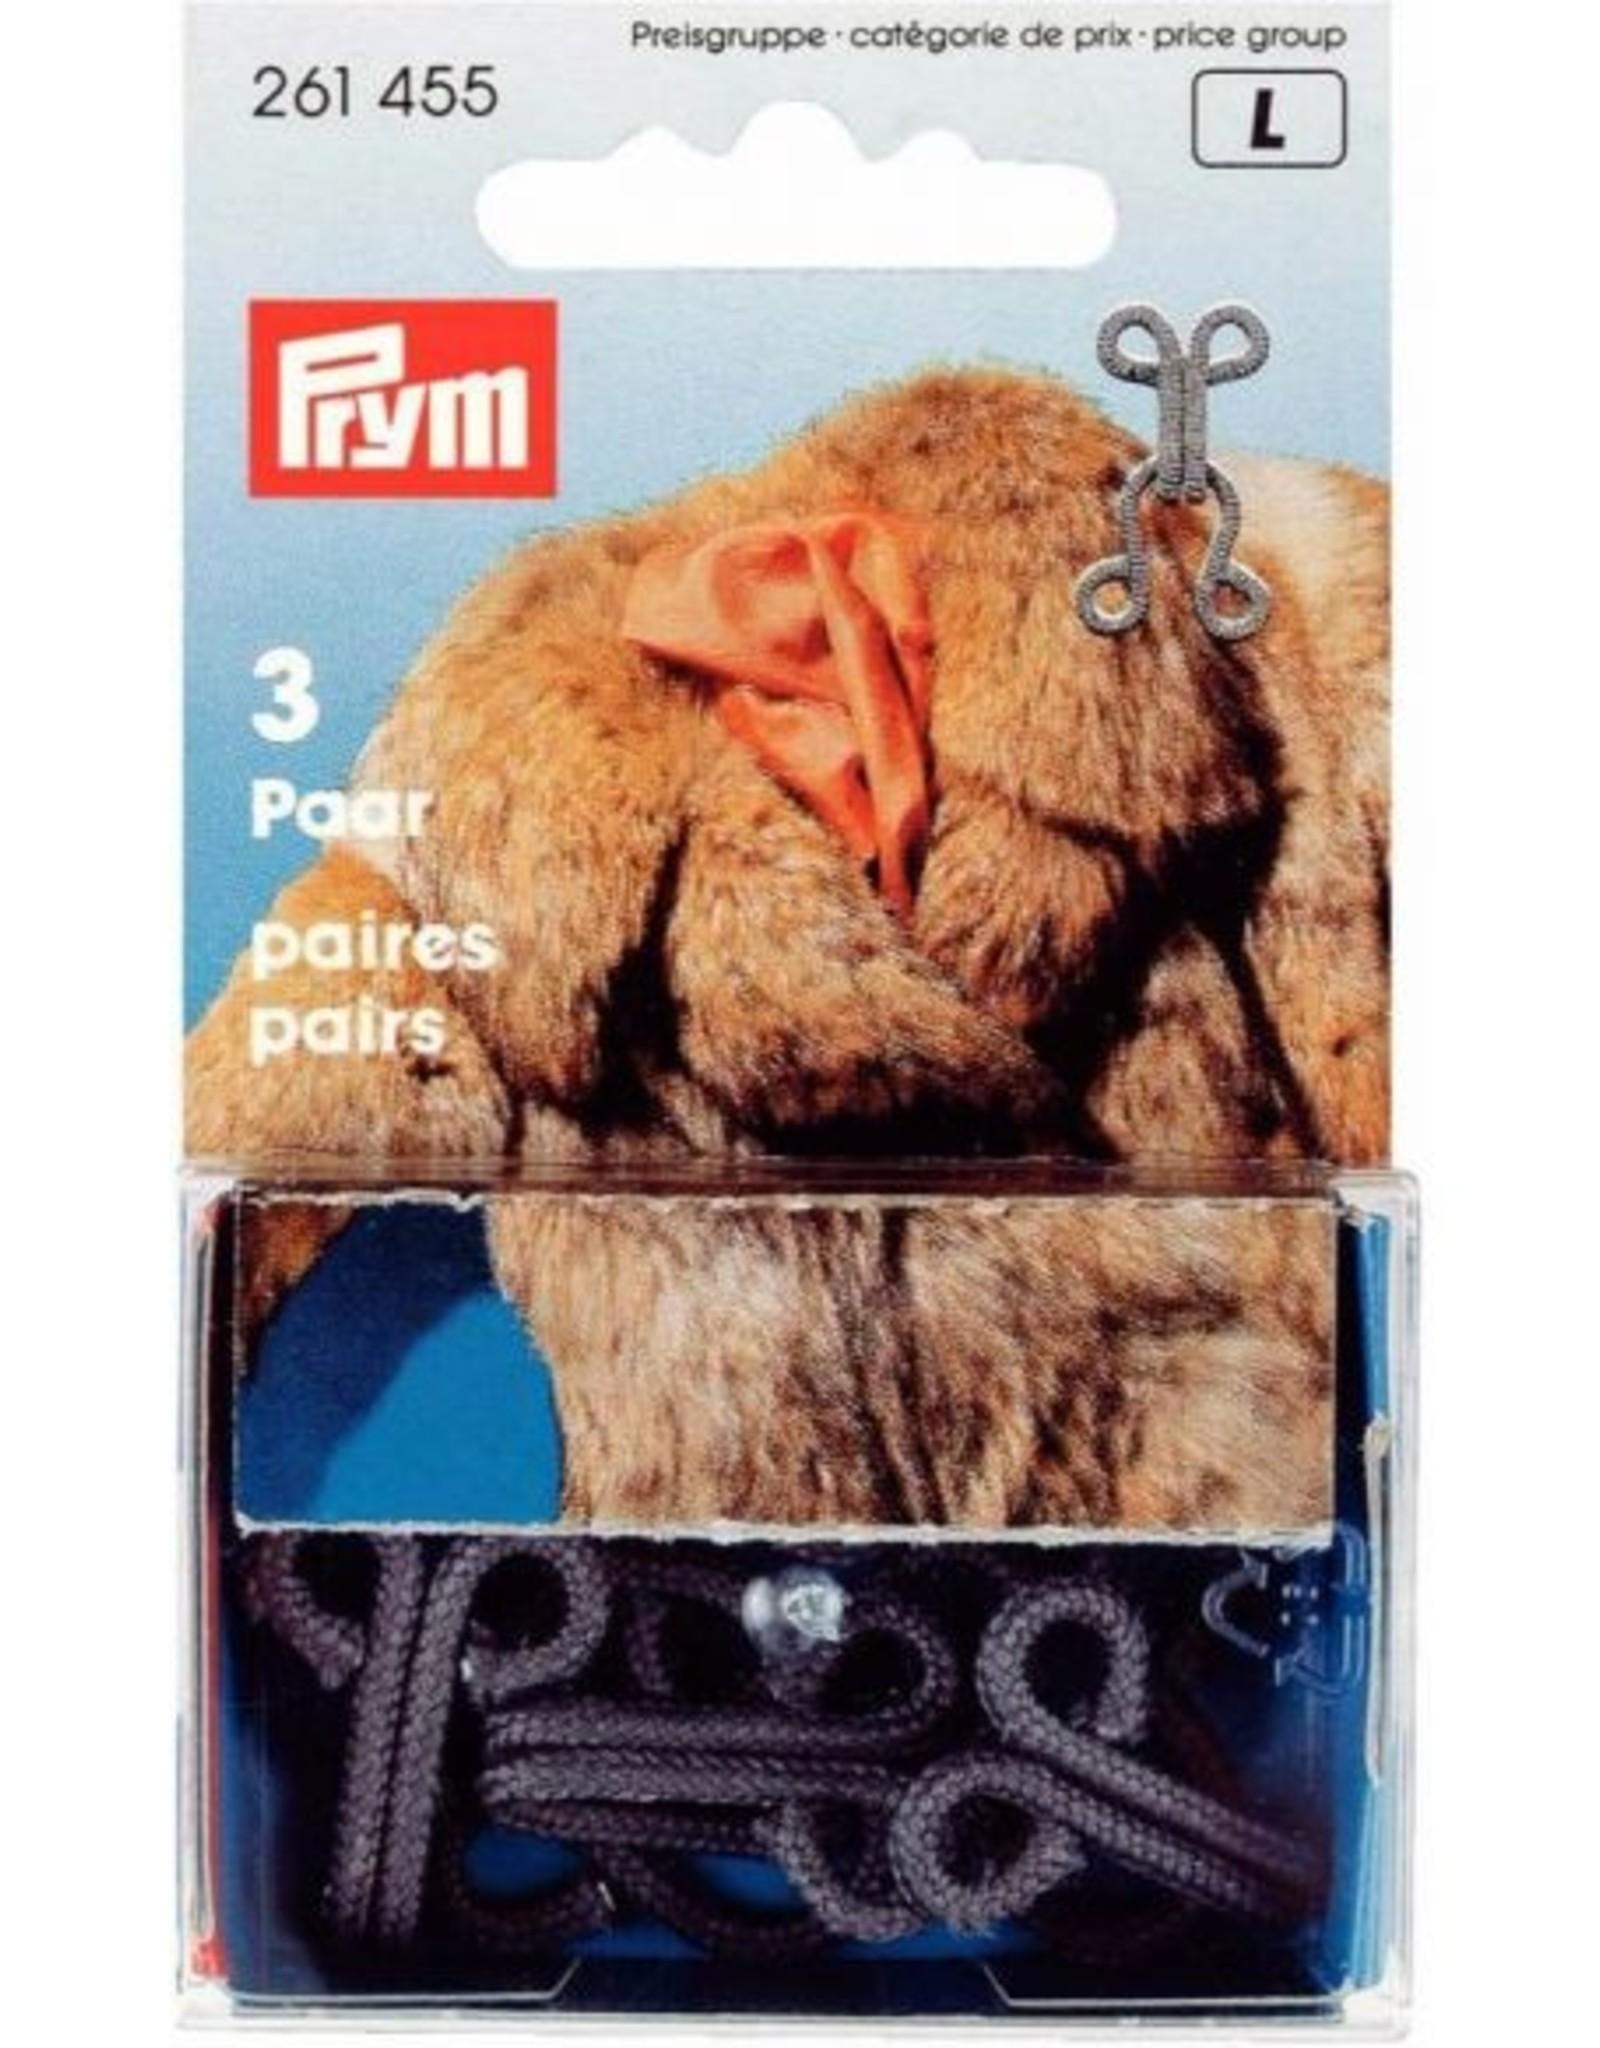 Prym prym - bonthaken grijsgroen - 261 455